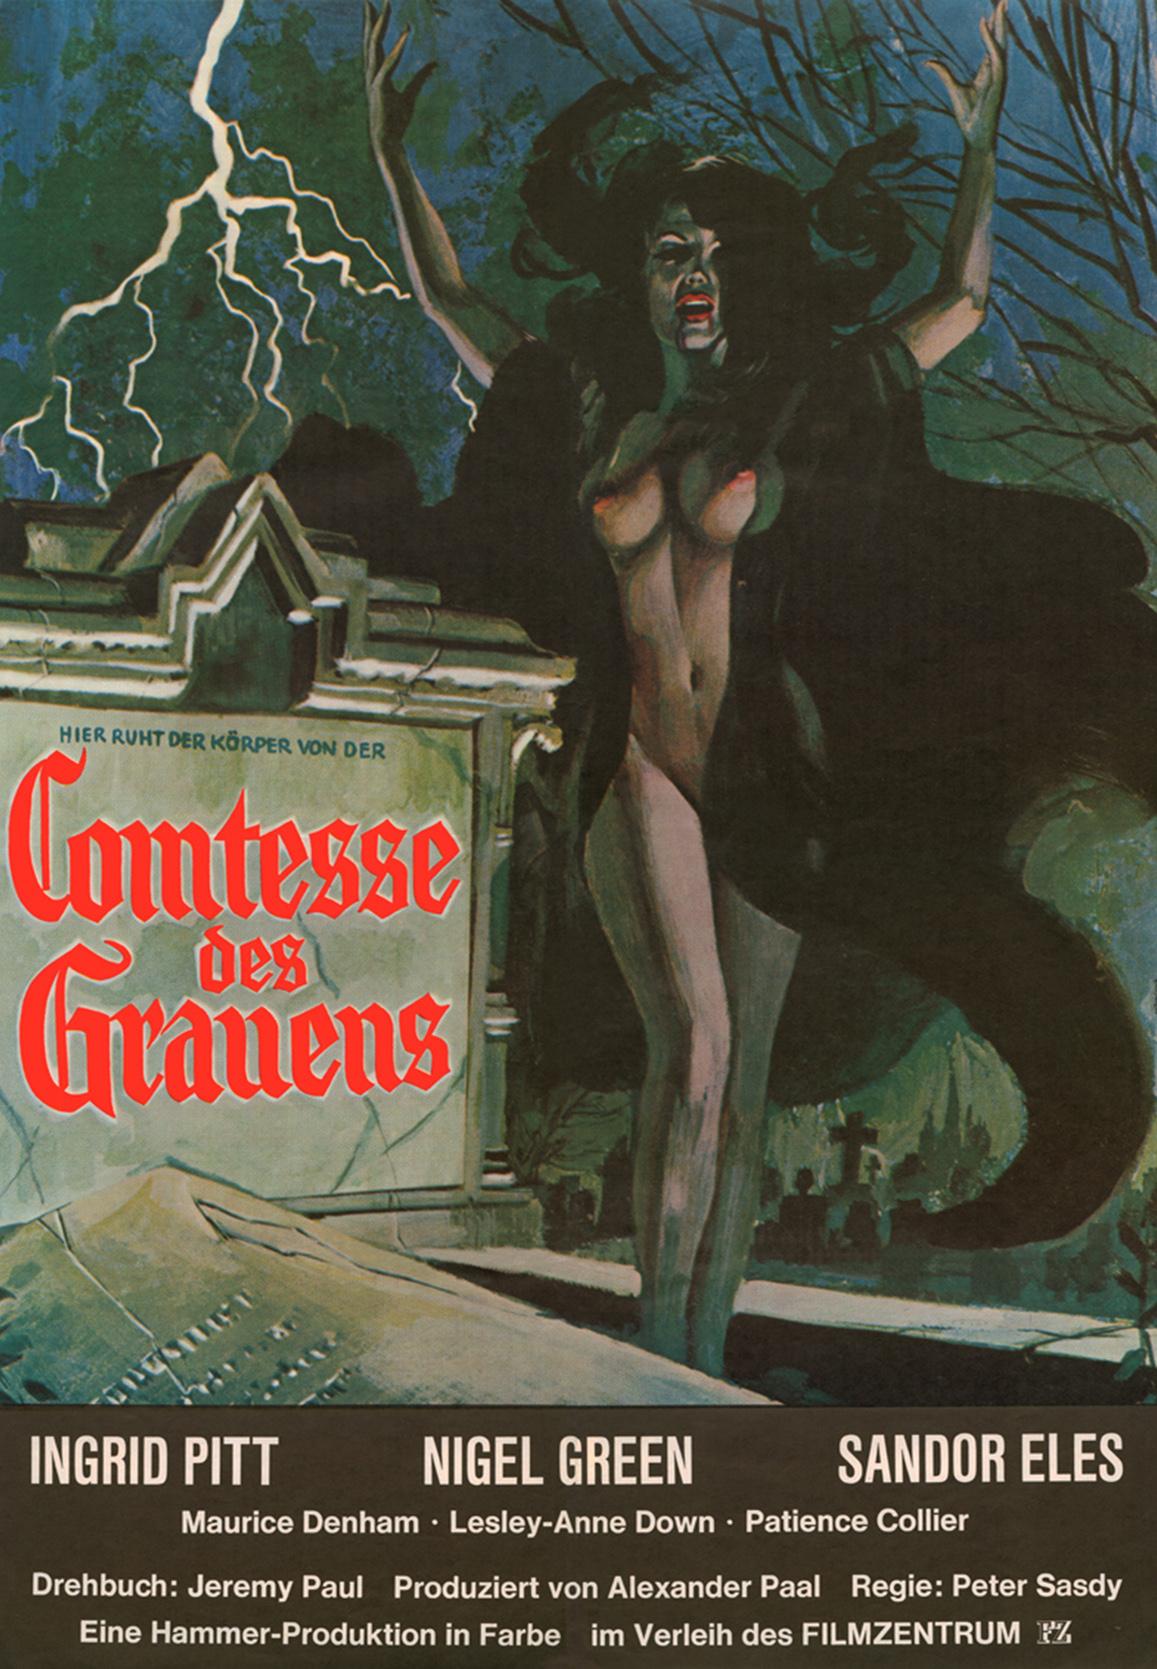 Comtesse des Grauens